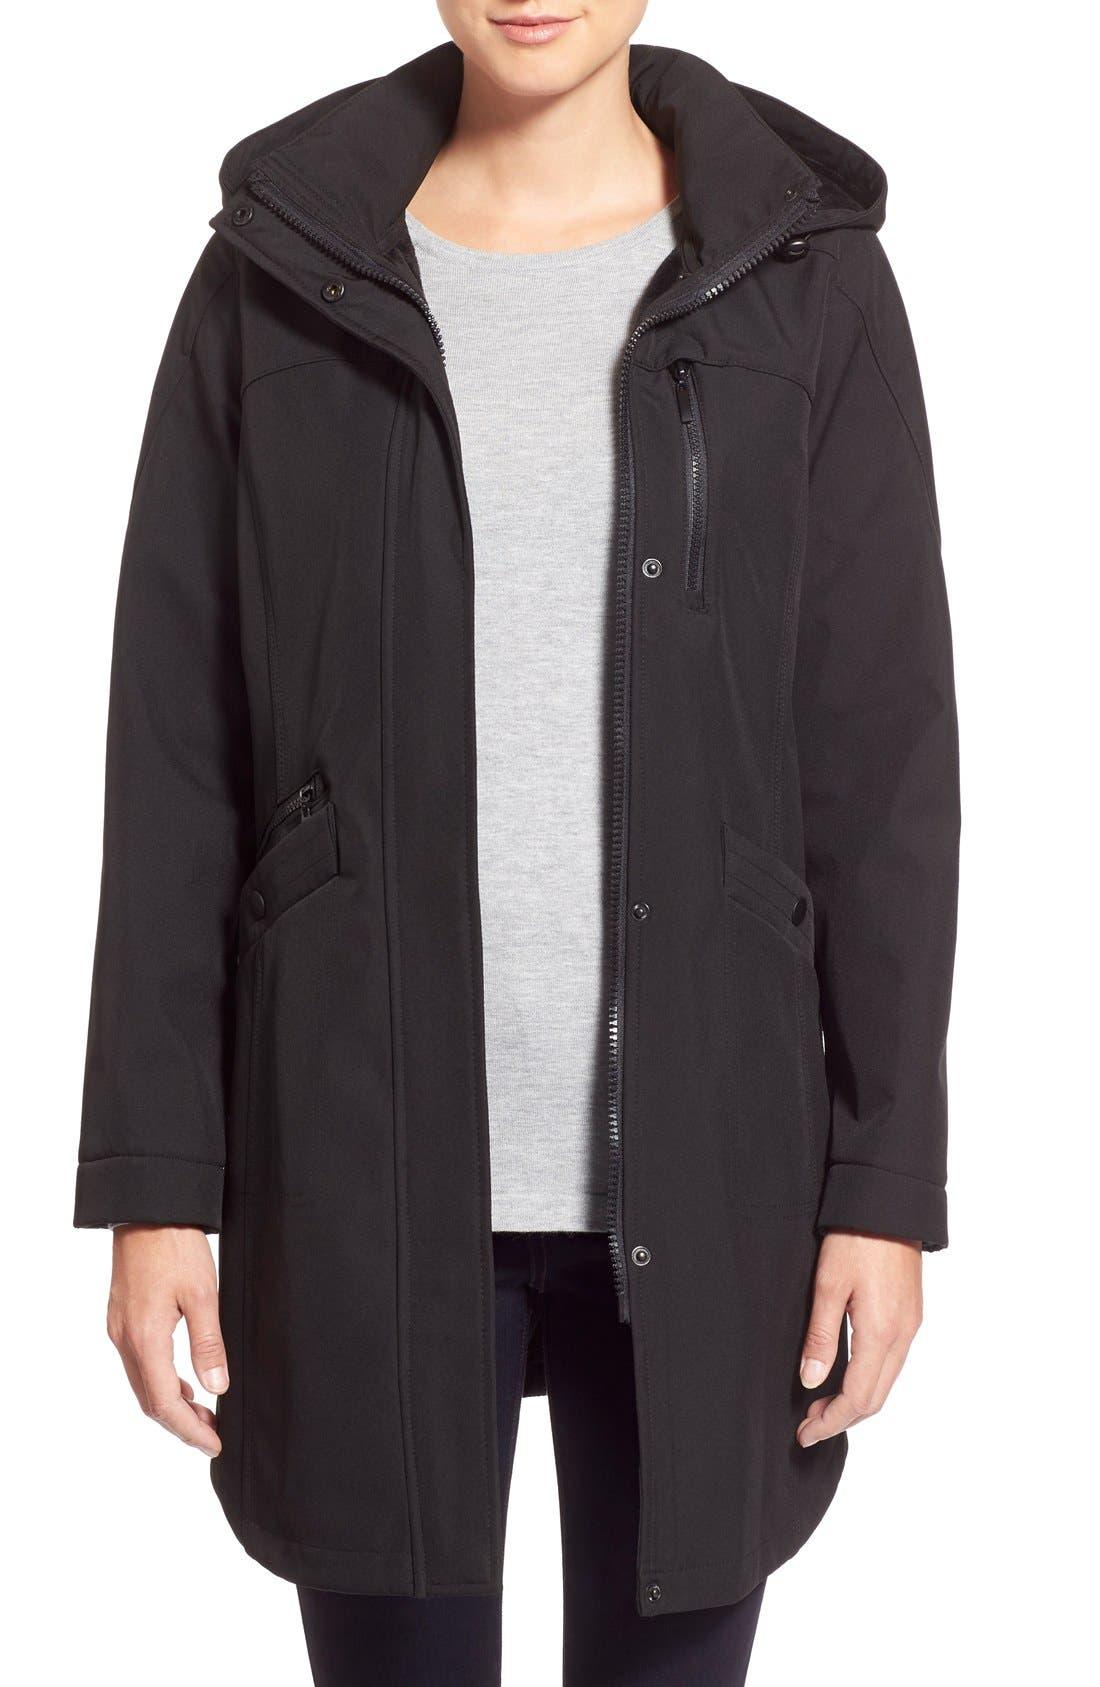 Alternate Image 1 Selected - Kristen Blake Crossdye Hooded Soft Shell Jacket(Regular &Petite)